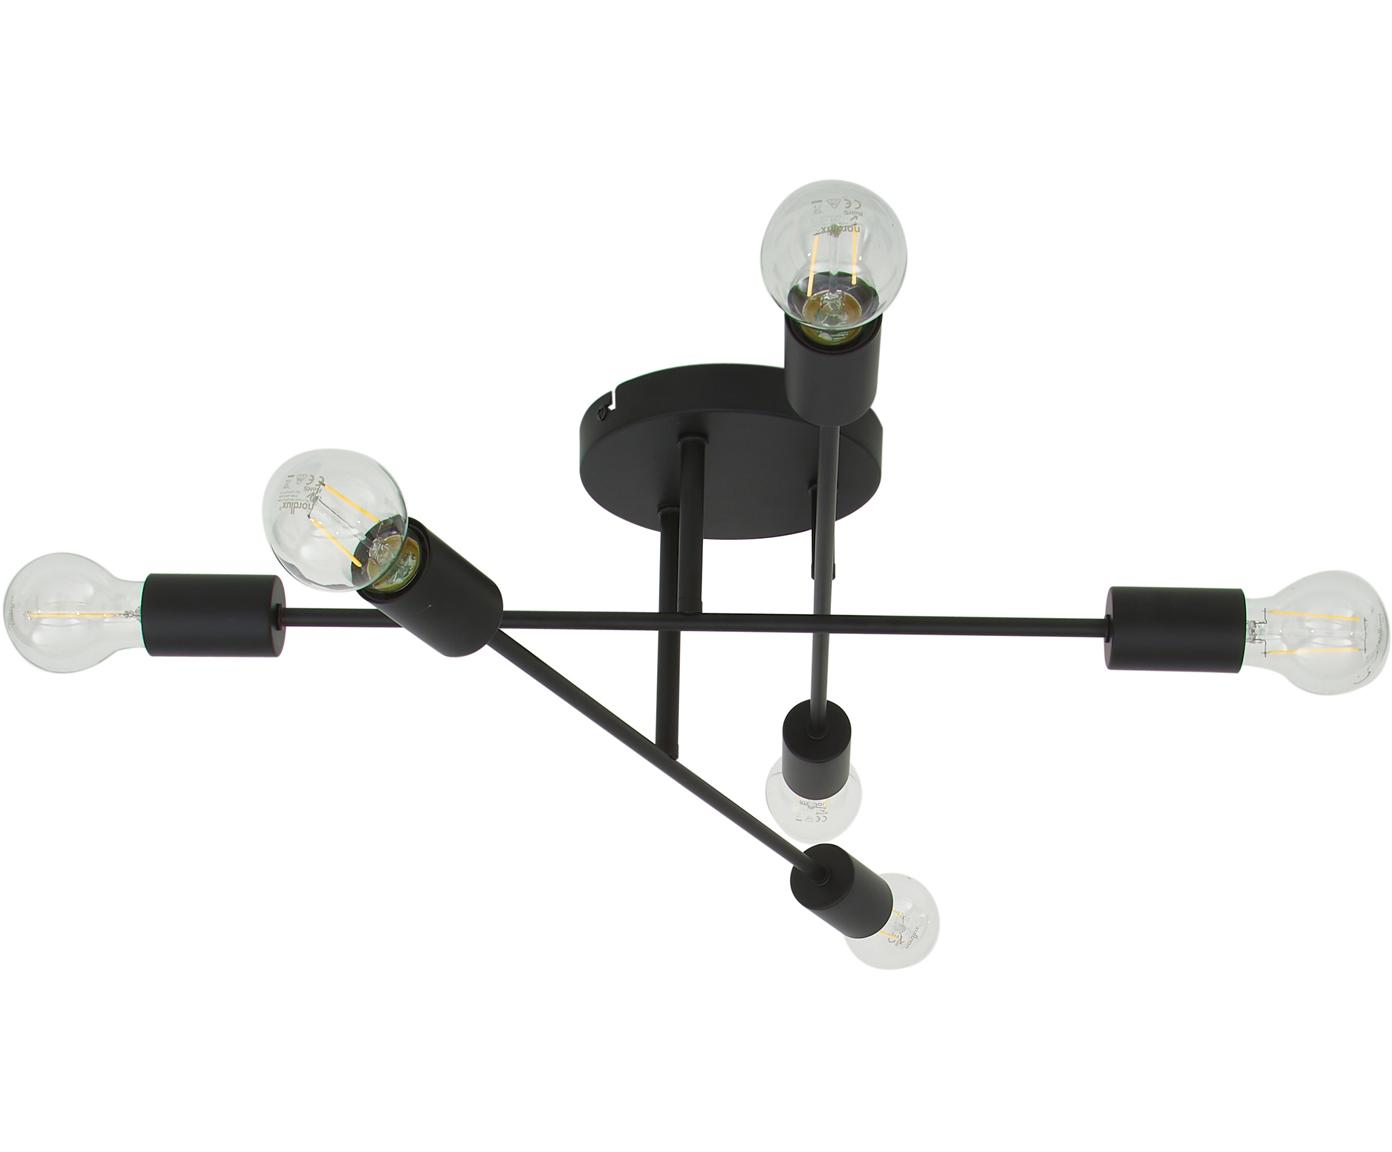 Lampa sufitowa Visby, Czarny, matowy, Ø 55 x W 20 cm